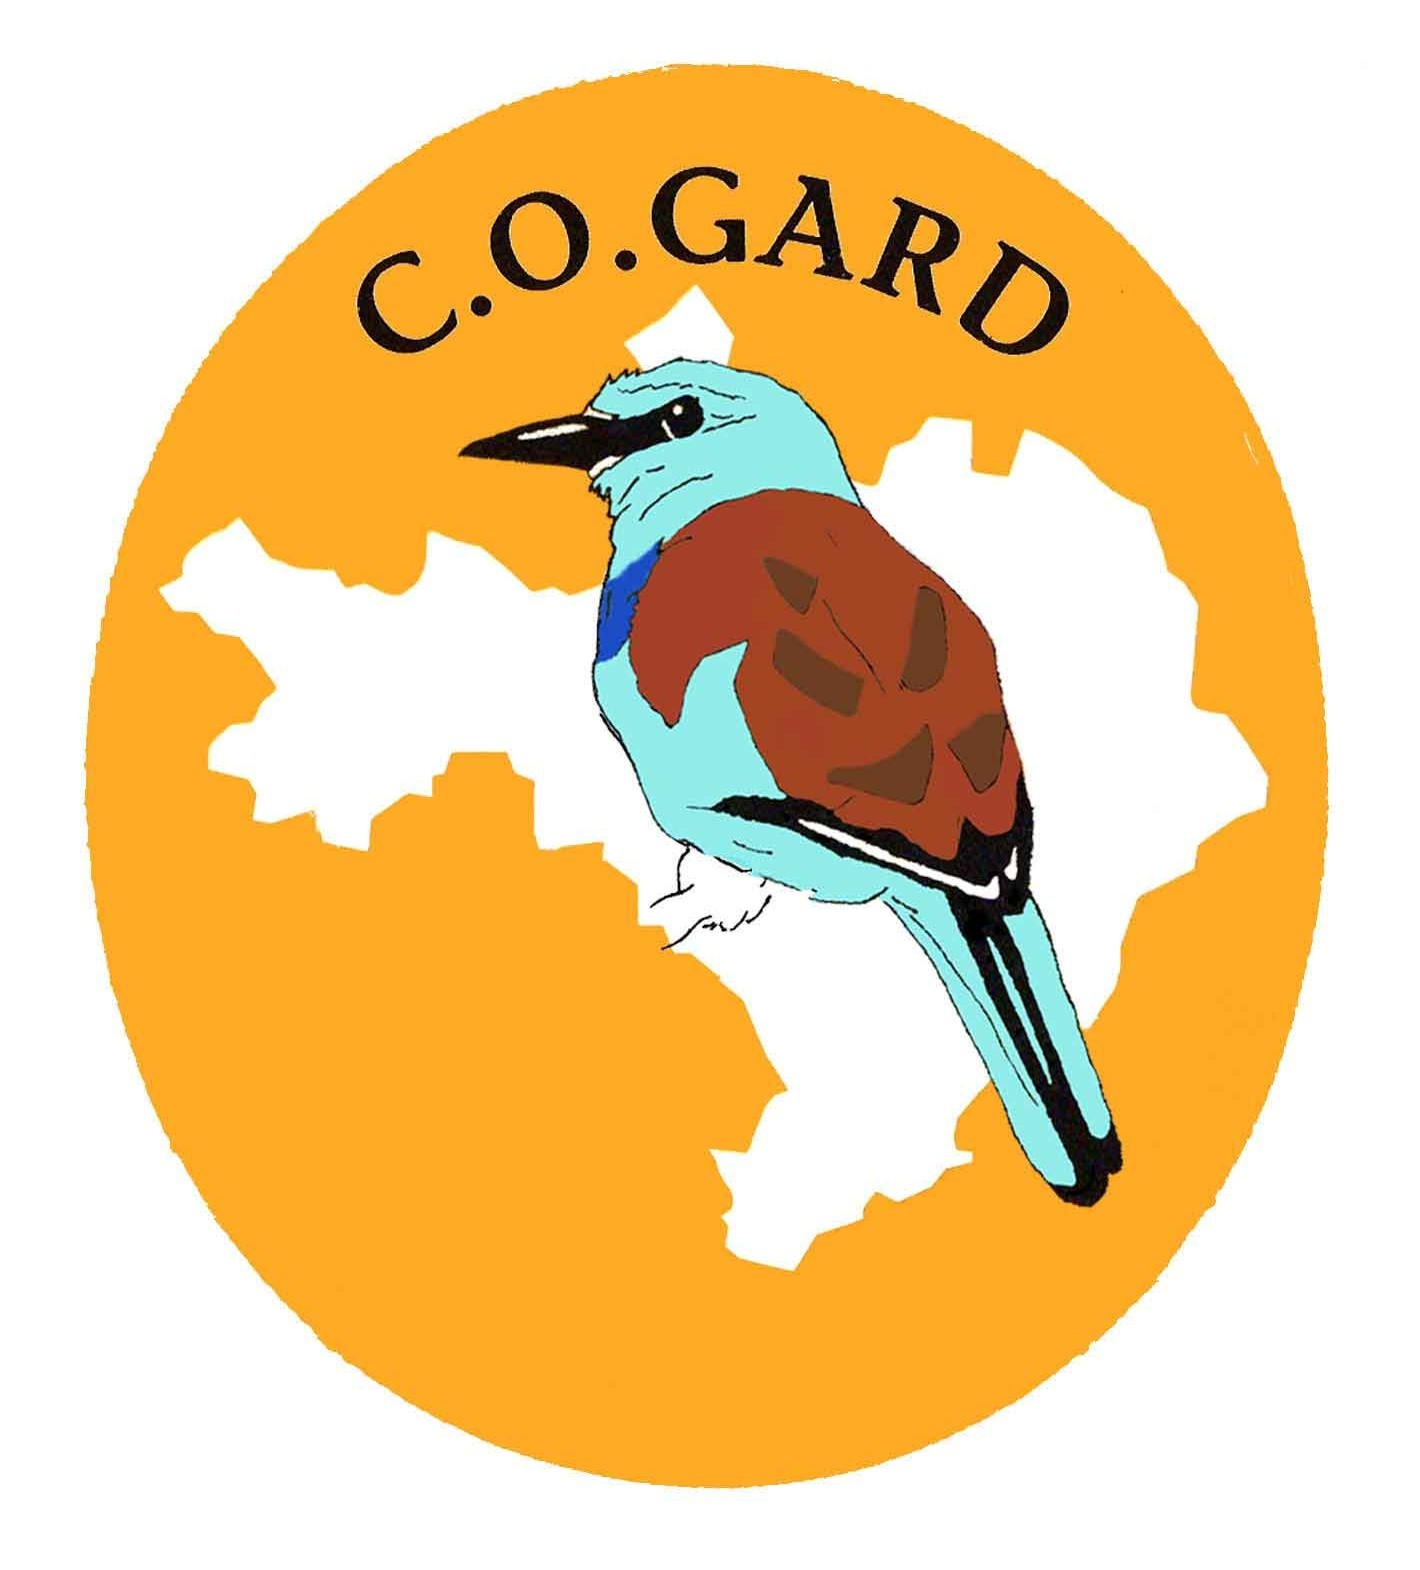 logo_cogard